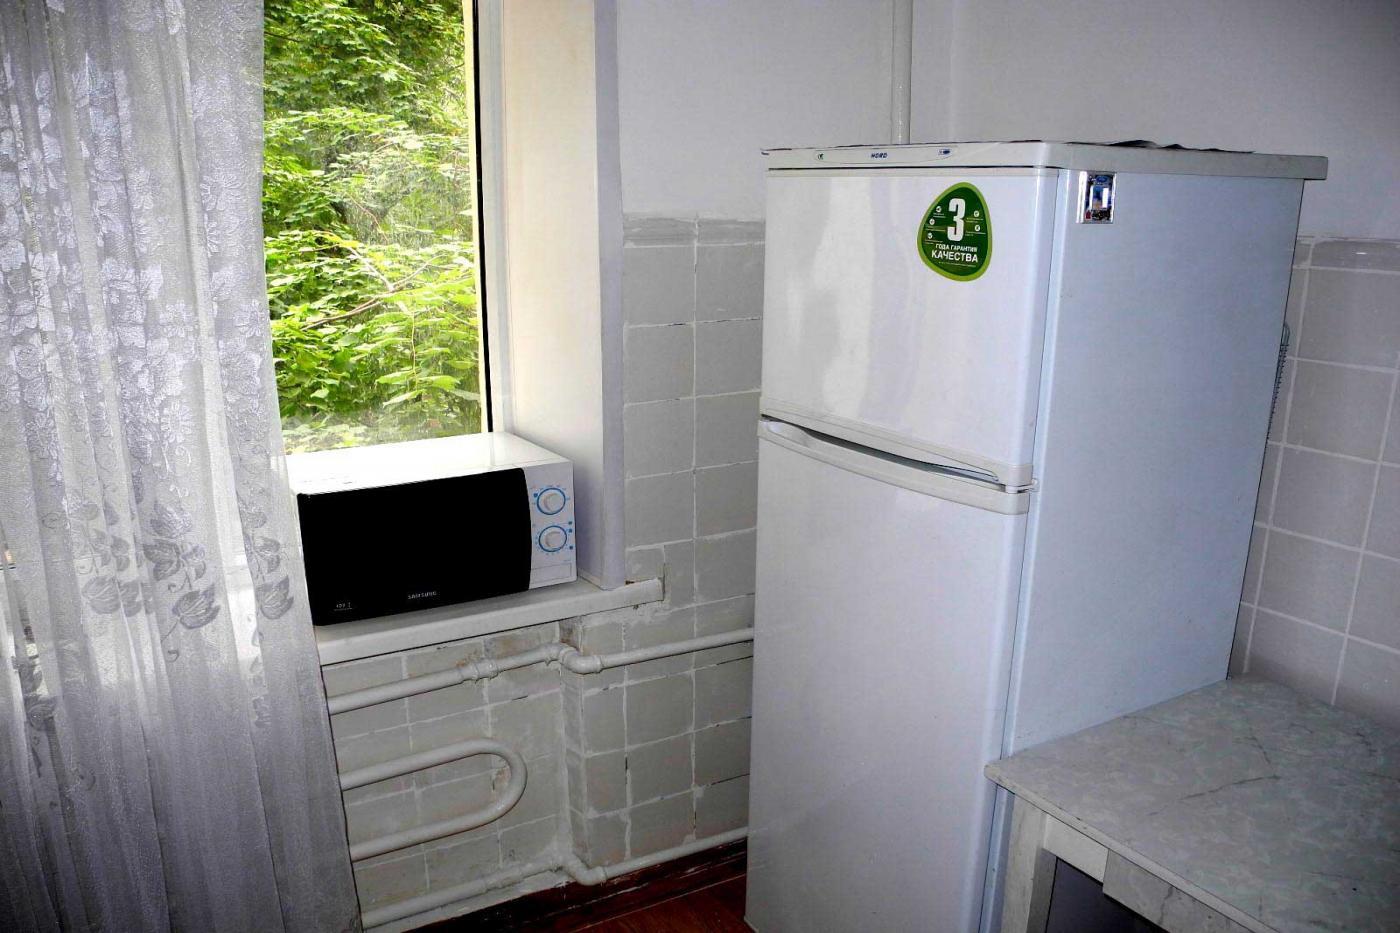 1-комнатная квартира посуточно (вариант № 3858), ул. Кольцовская улица, фото № 1